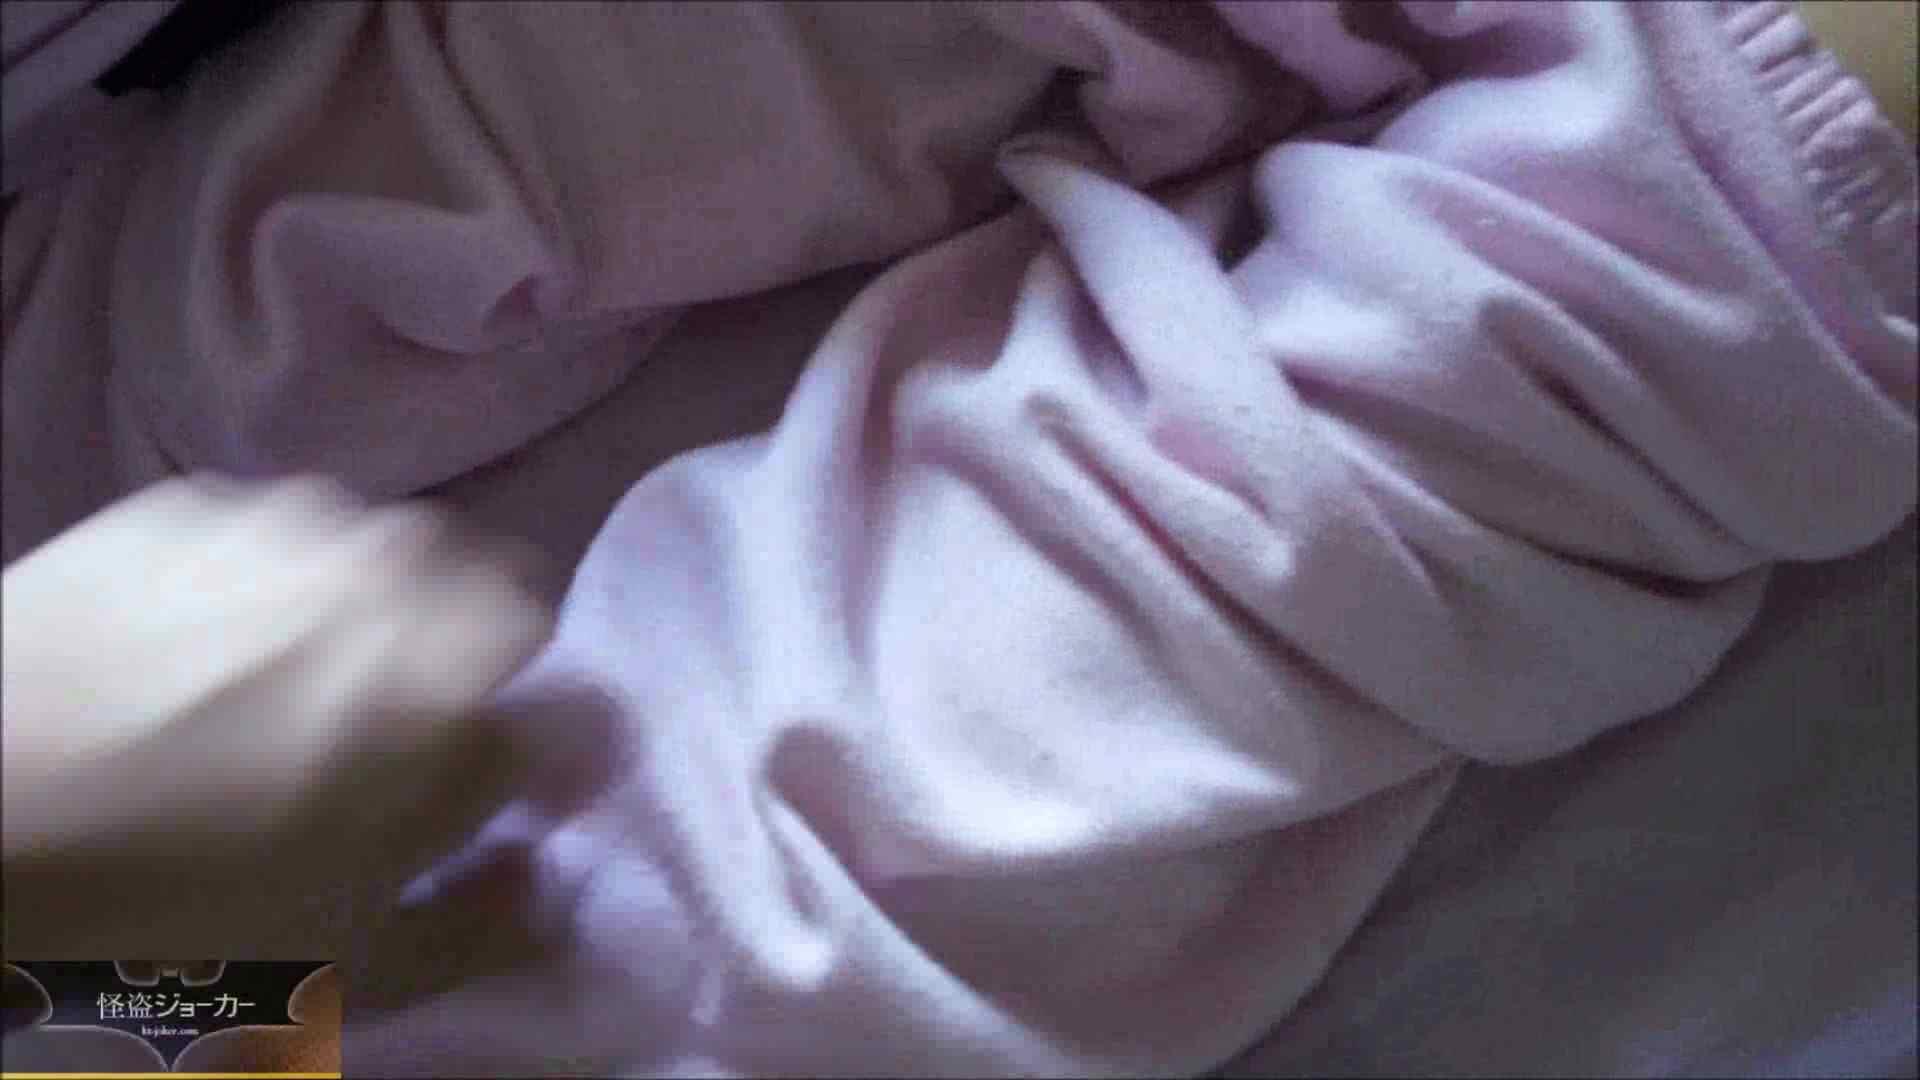 【未公開】vol.1 【ユリナの実女市・ヒトミ】若ママを目民らせて・・・ お姉さん  84PIX 61